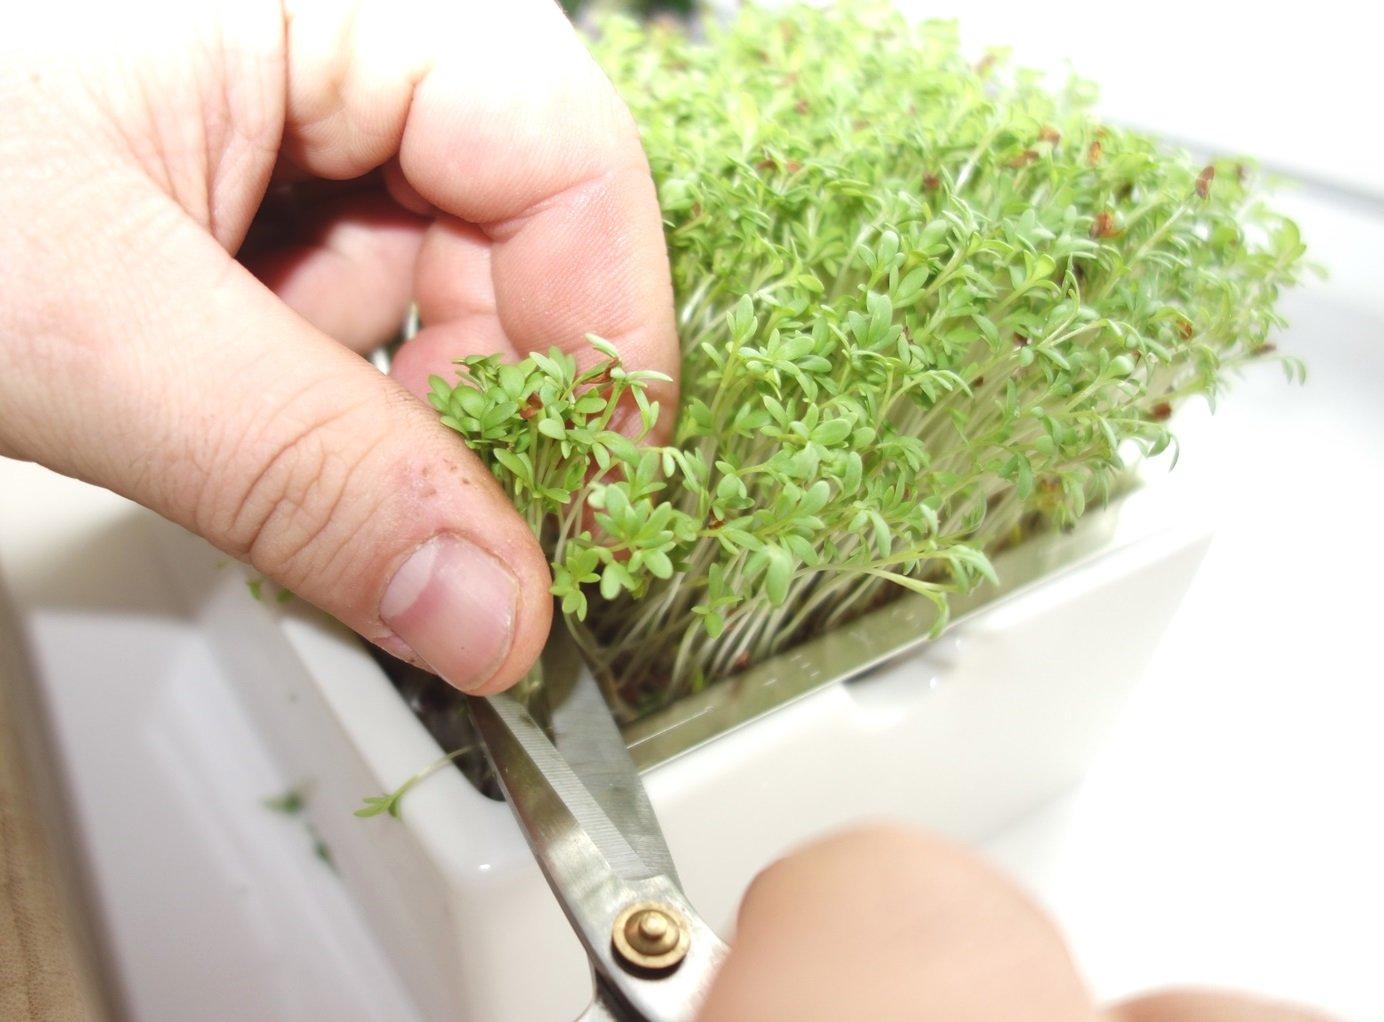 DSC01302 - Microgreens selber anbauen und Superfood einfach züchten